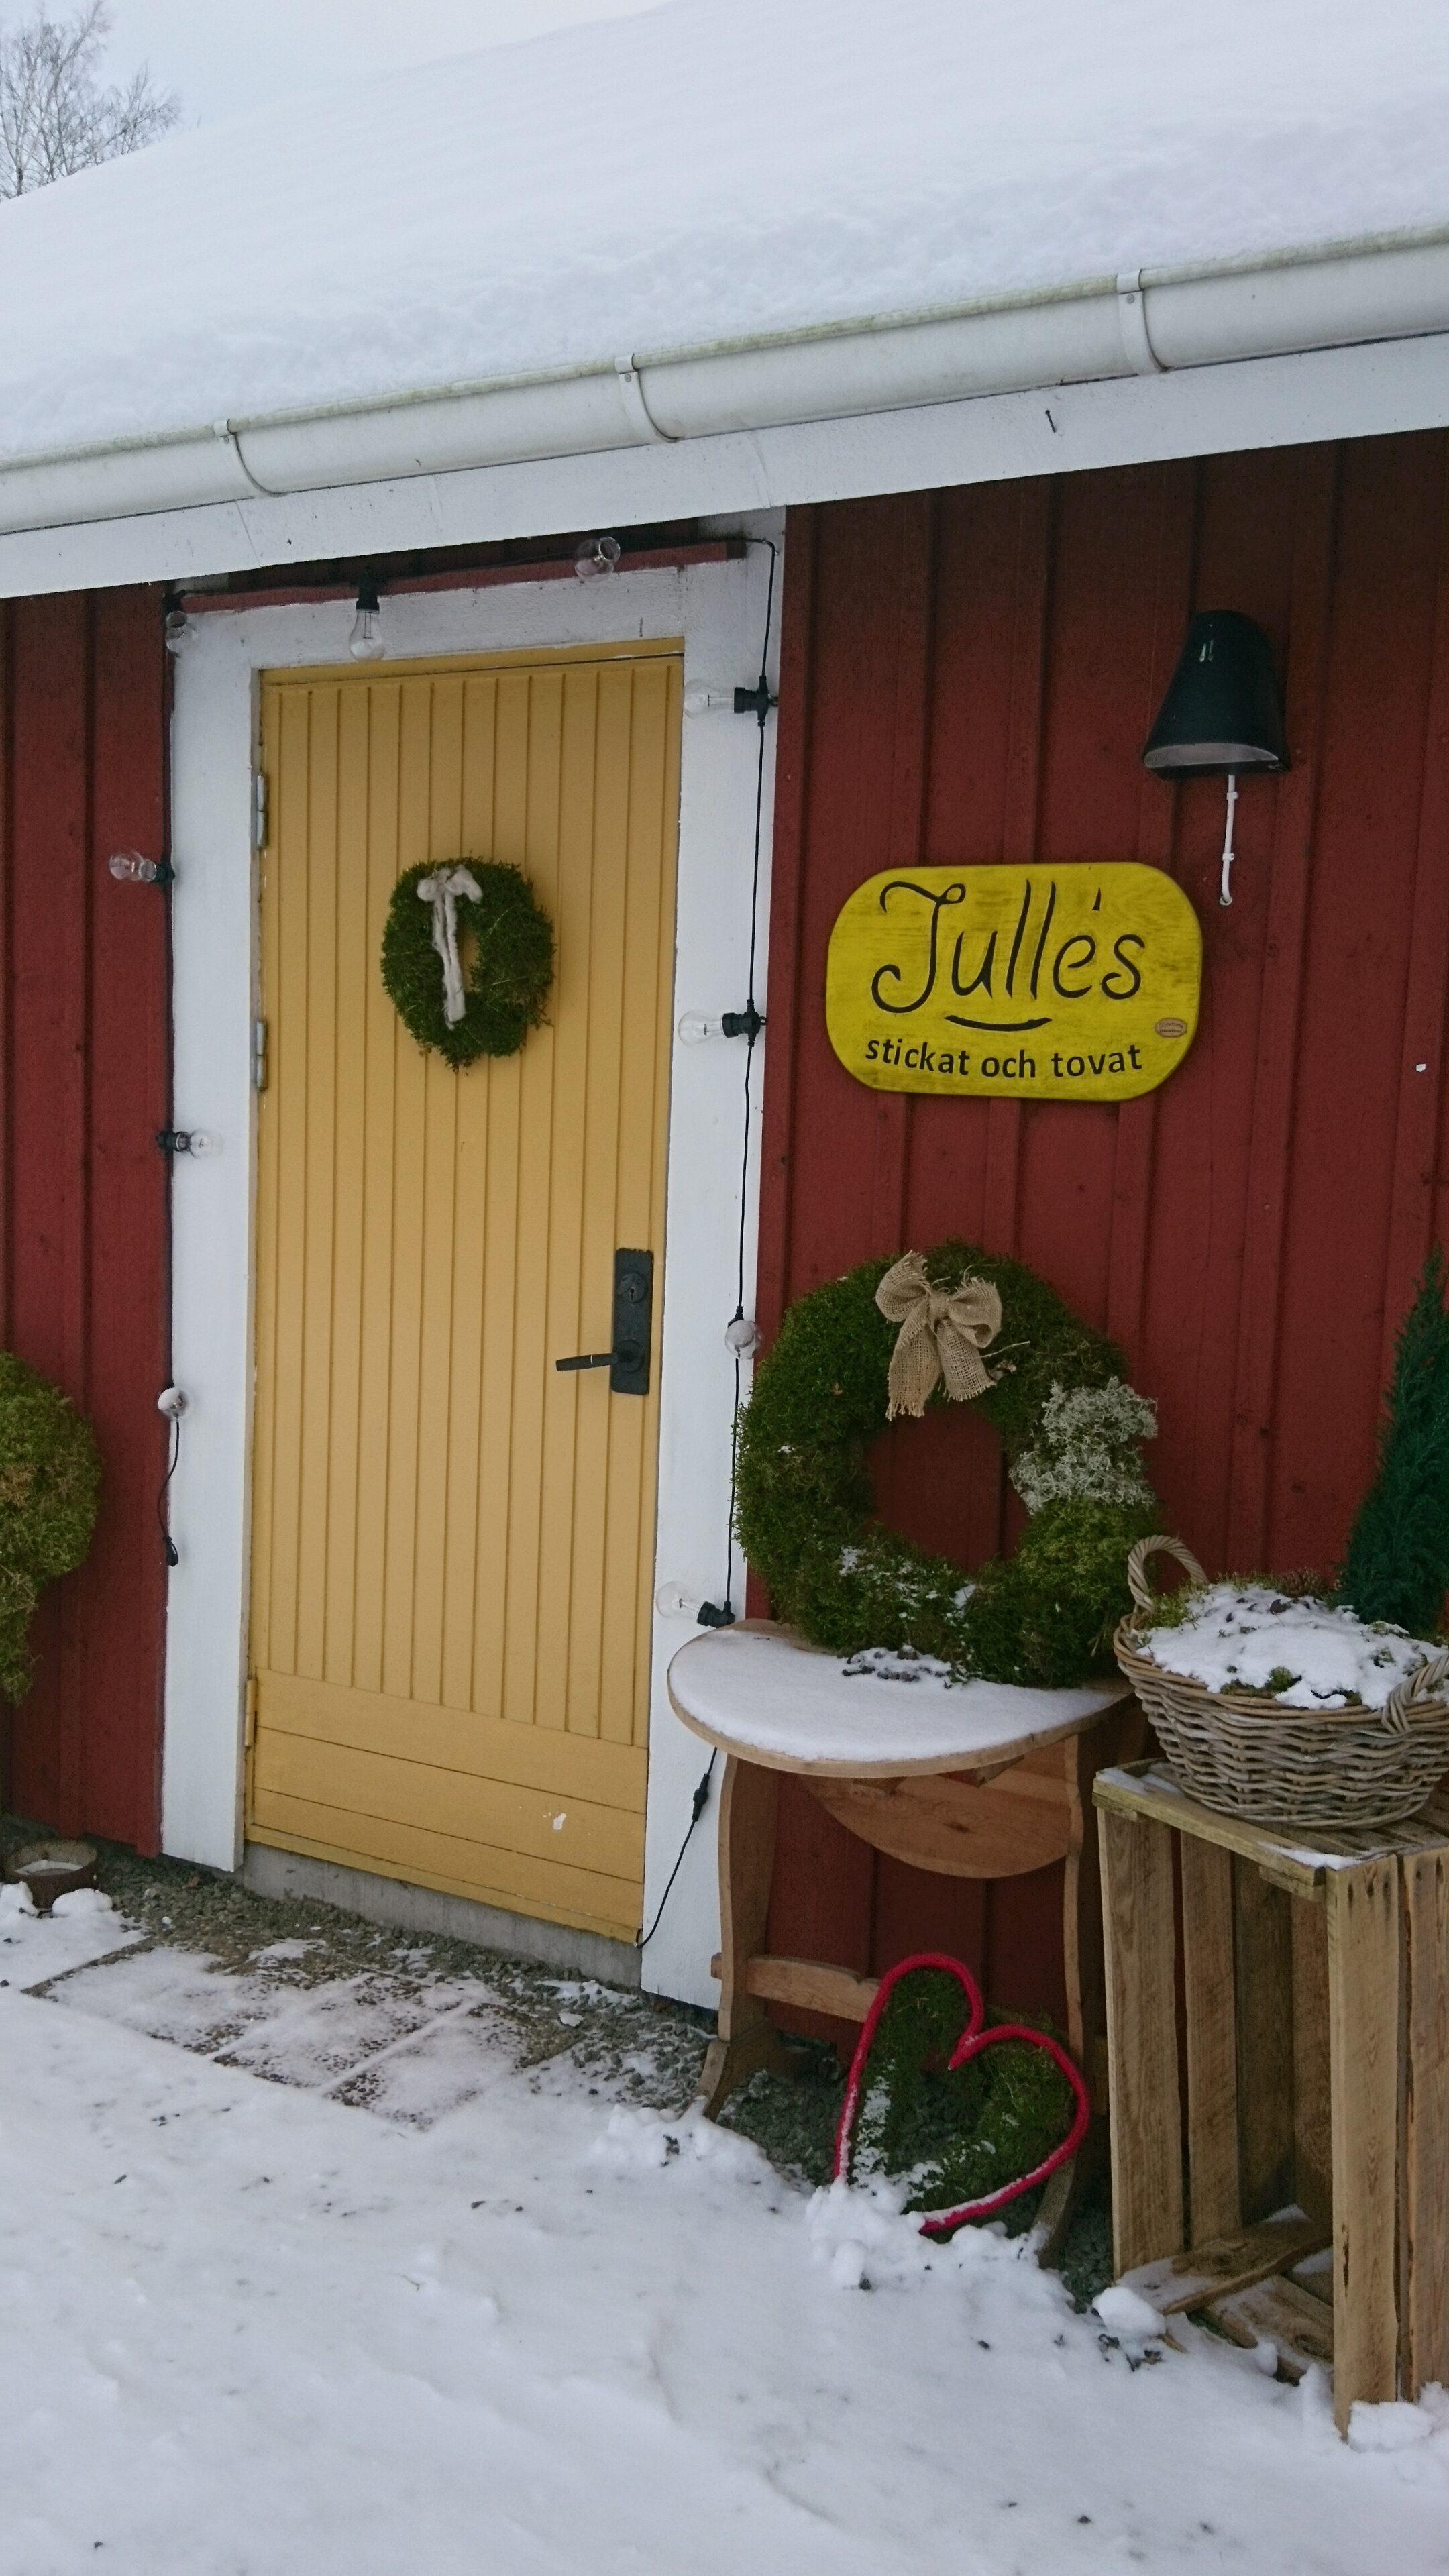 Öppettider för Julle's bod: